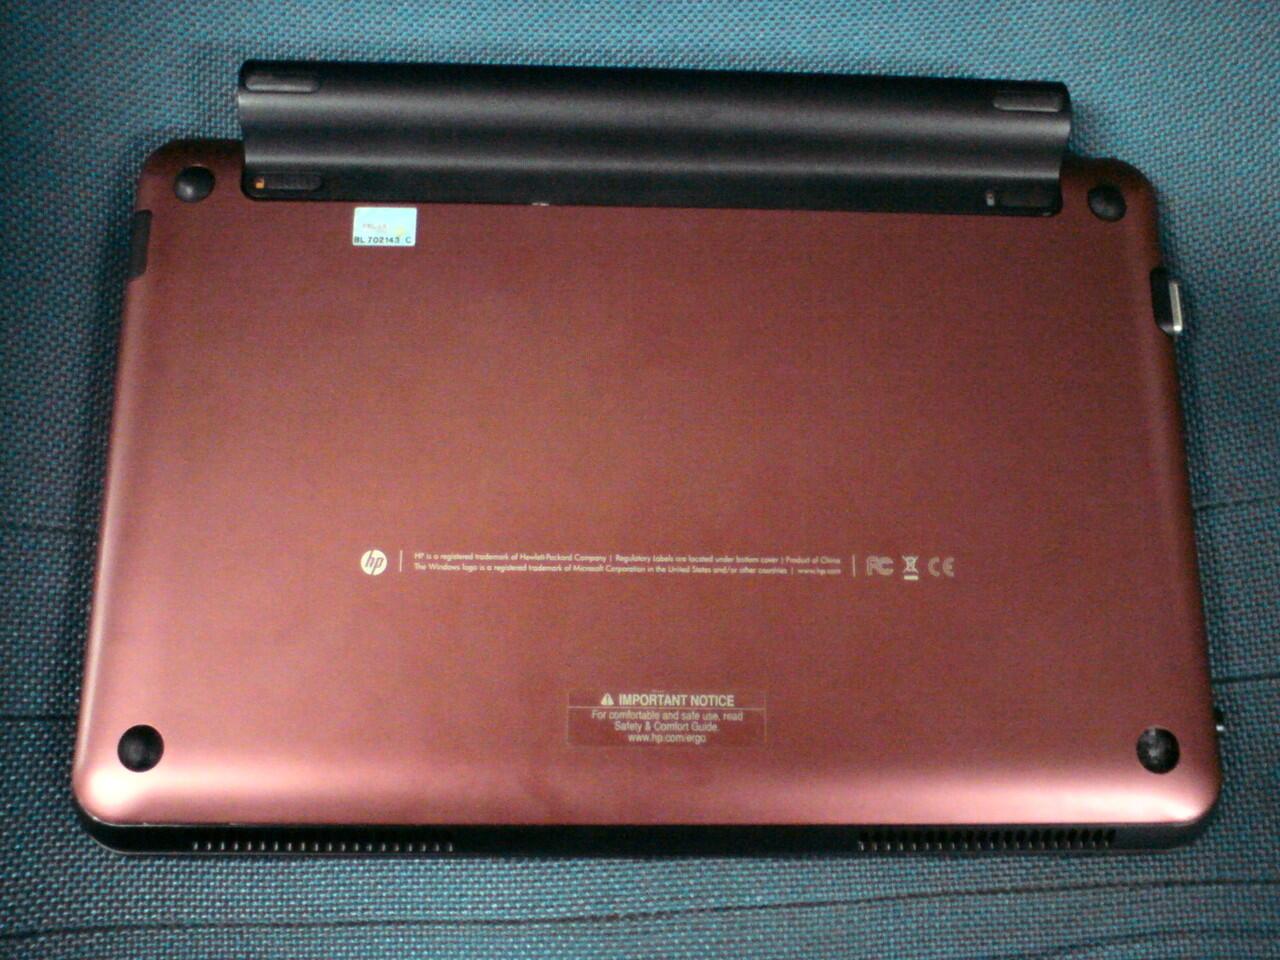 Jual Netbook Hp Mini 210-1064TU (Motherboardnya Rusak) - Rp.700.000,-